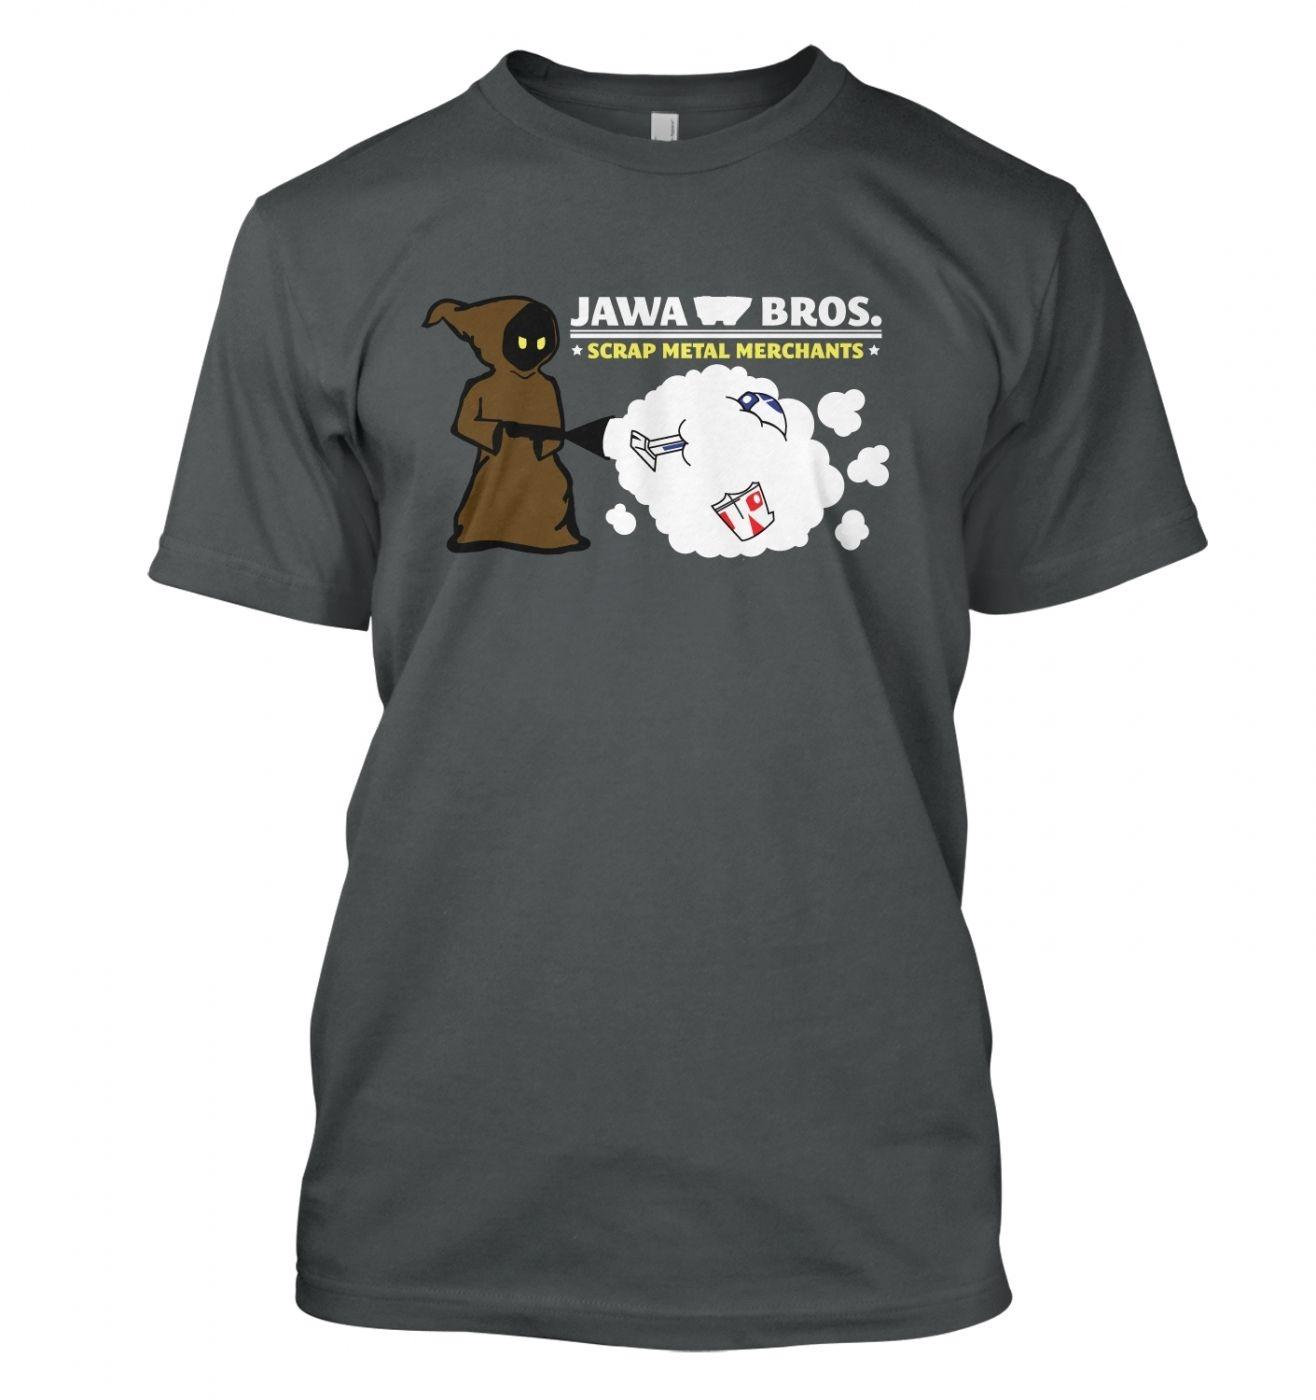 Version 1  - Jawa Bros. Scrap Metal Merchants t-shirt - Inspired by Star Wars